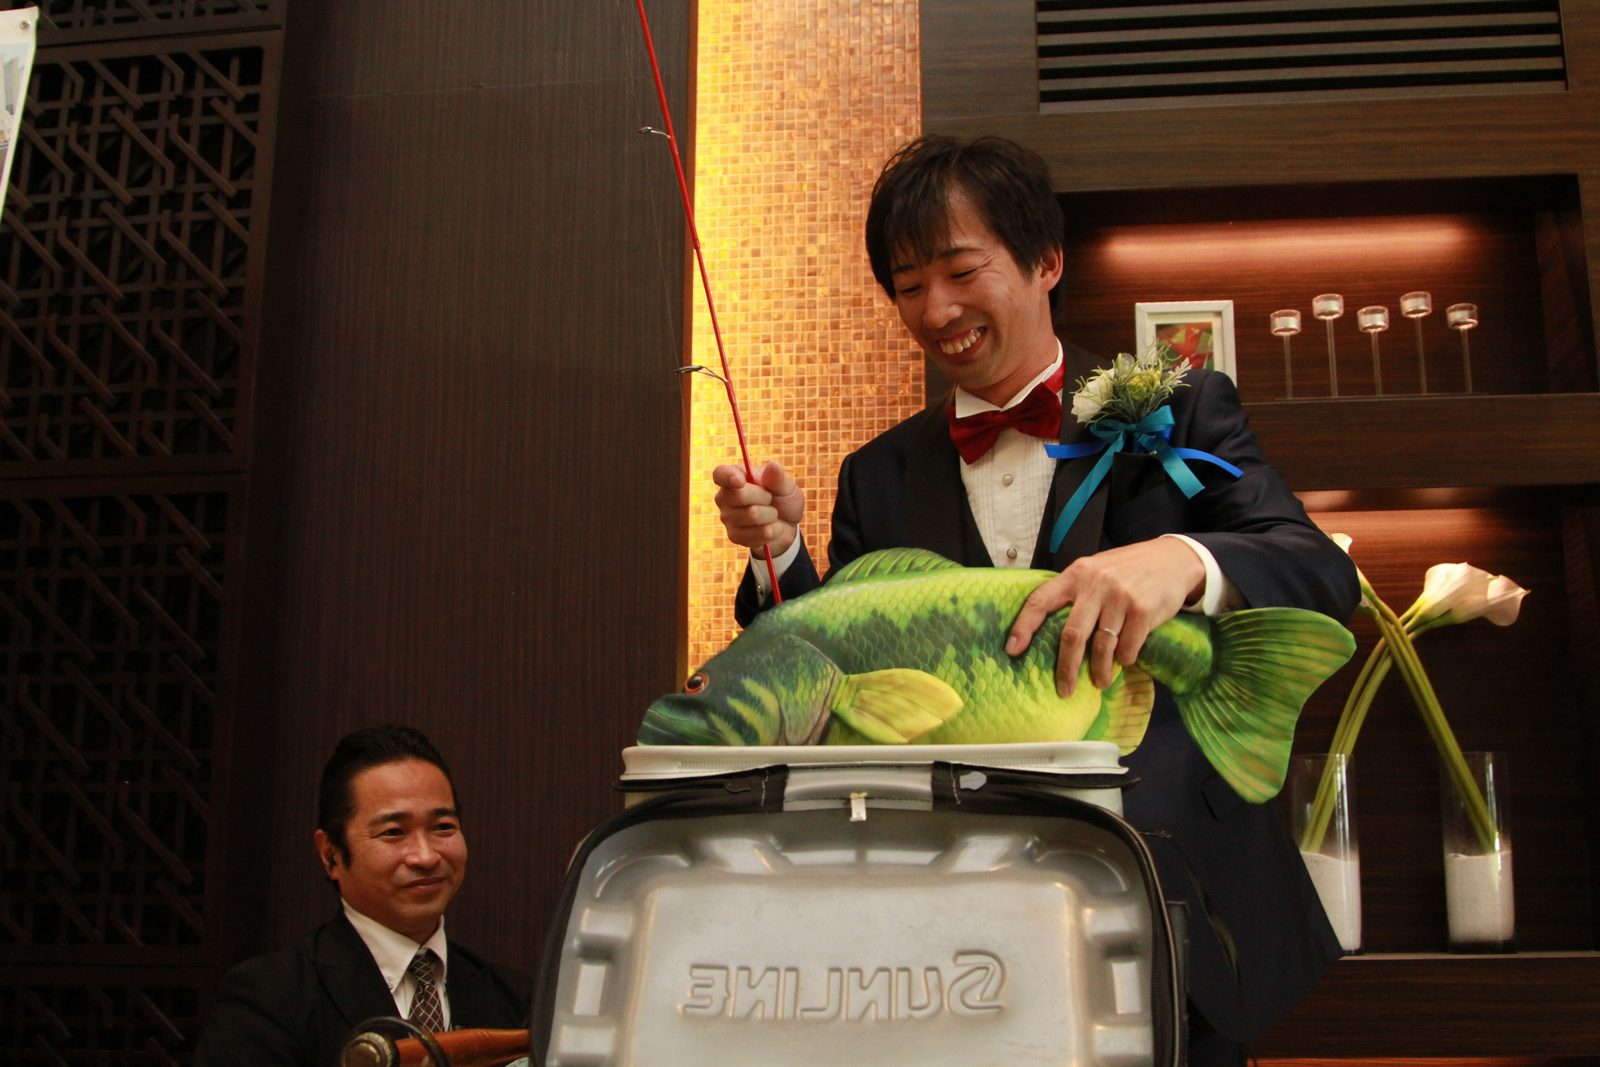 徳島市の結婚式場ブランアンジュのオープニングムービーの続きはお魚のぬいぐるみを新郎が入場